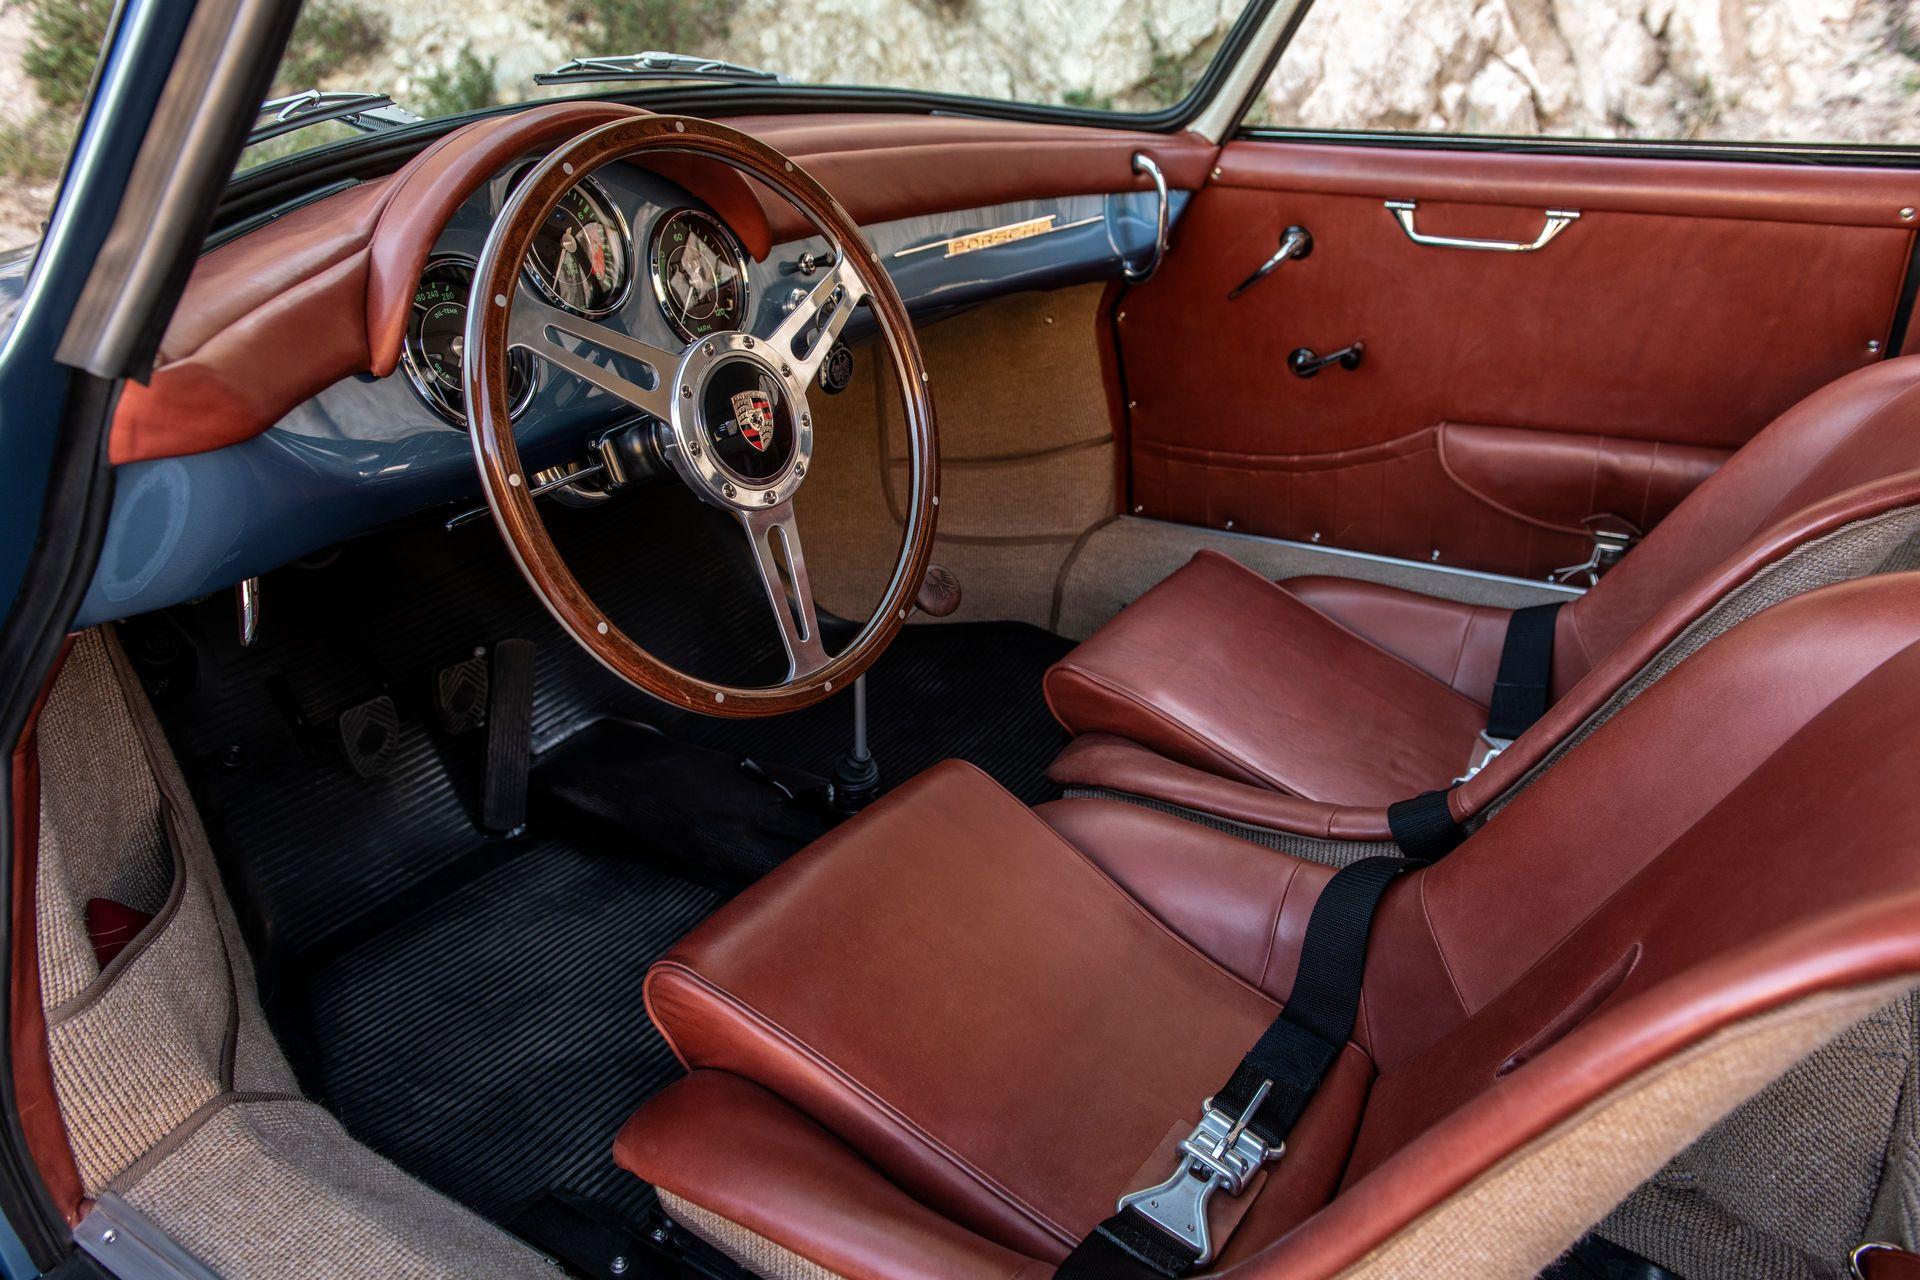 Porsche-356-A-Coupe-Restomod-Emory-Motorsports-62